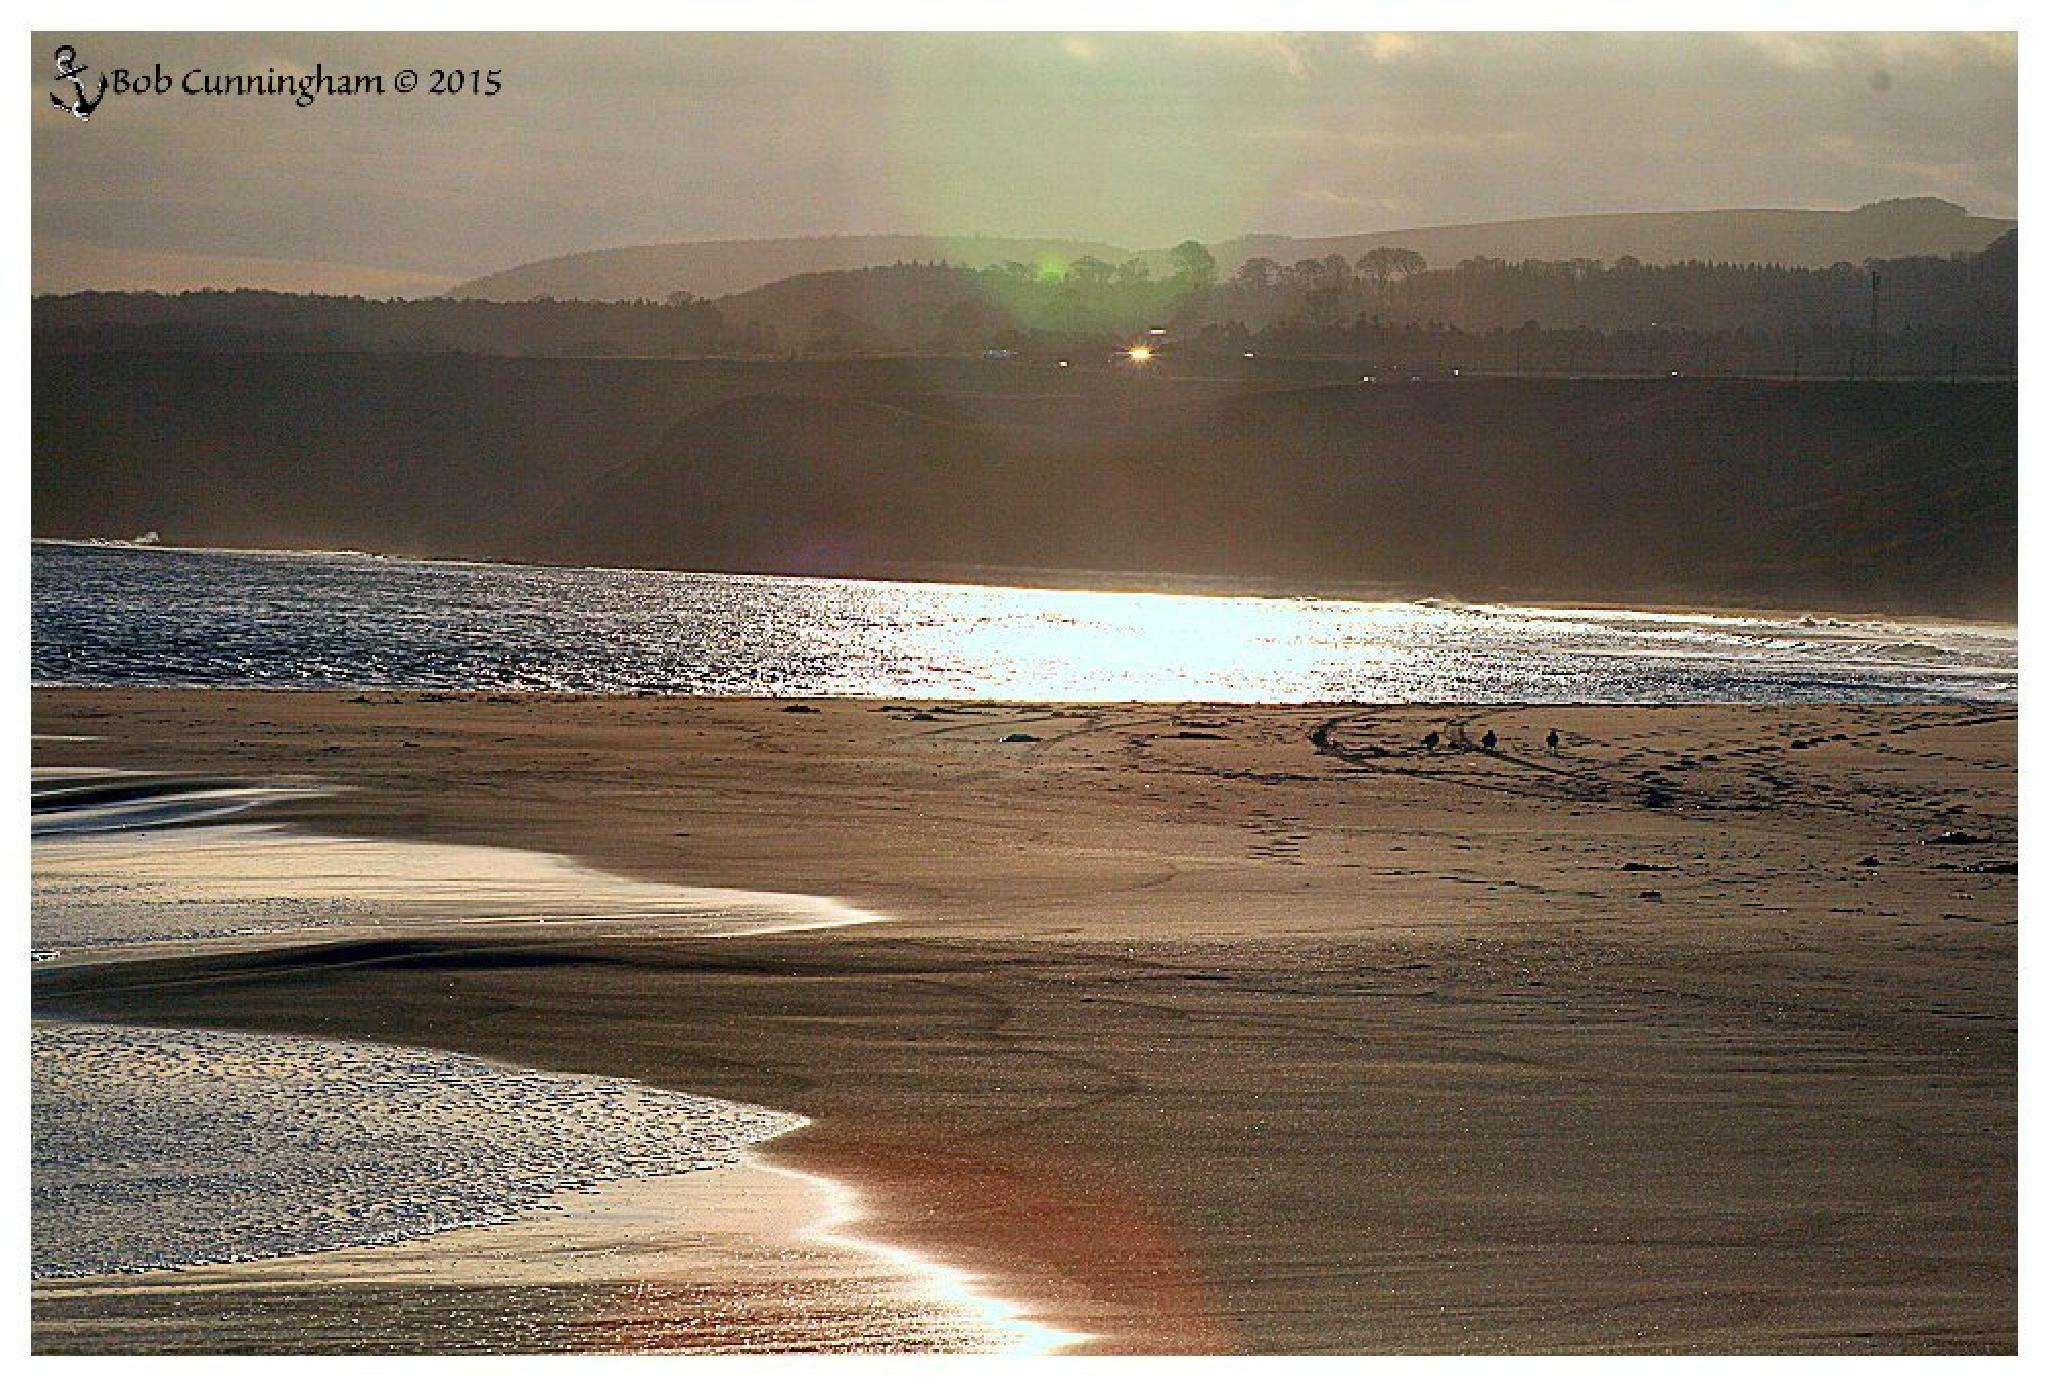 Beach at Thorntonloch by bob.cunningham.56884